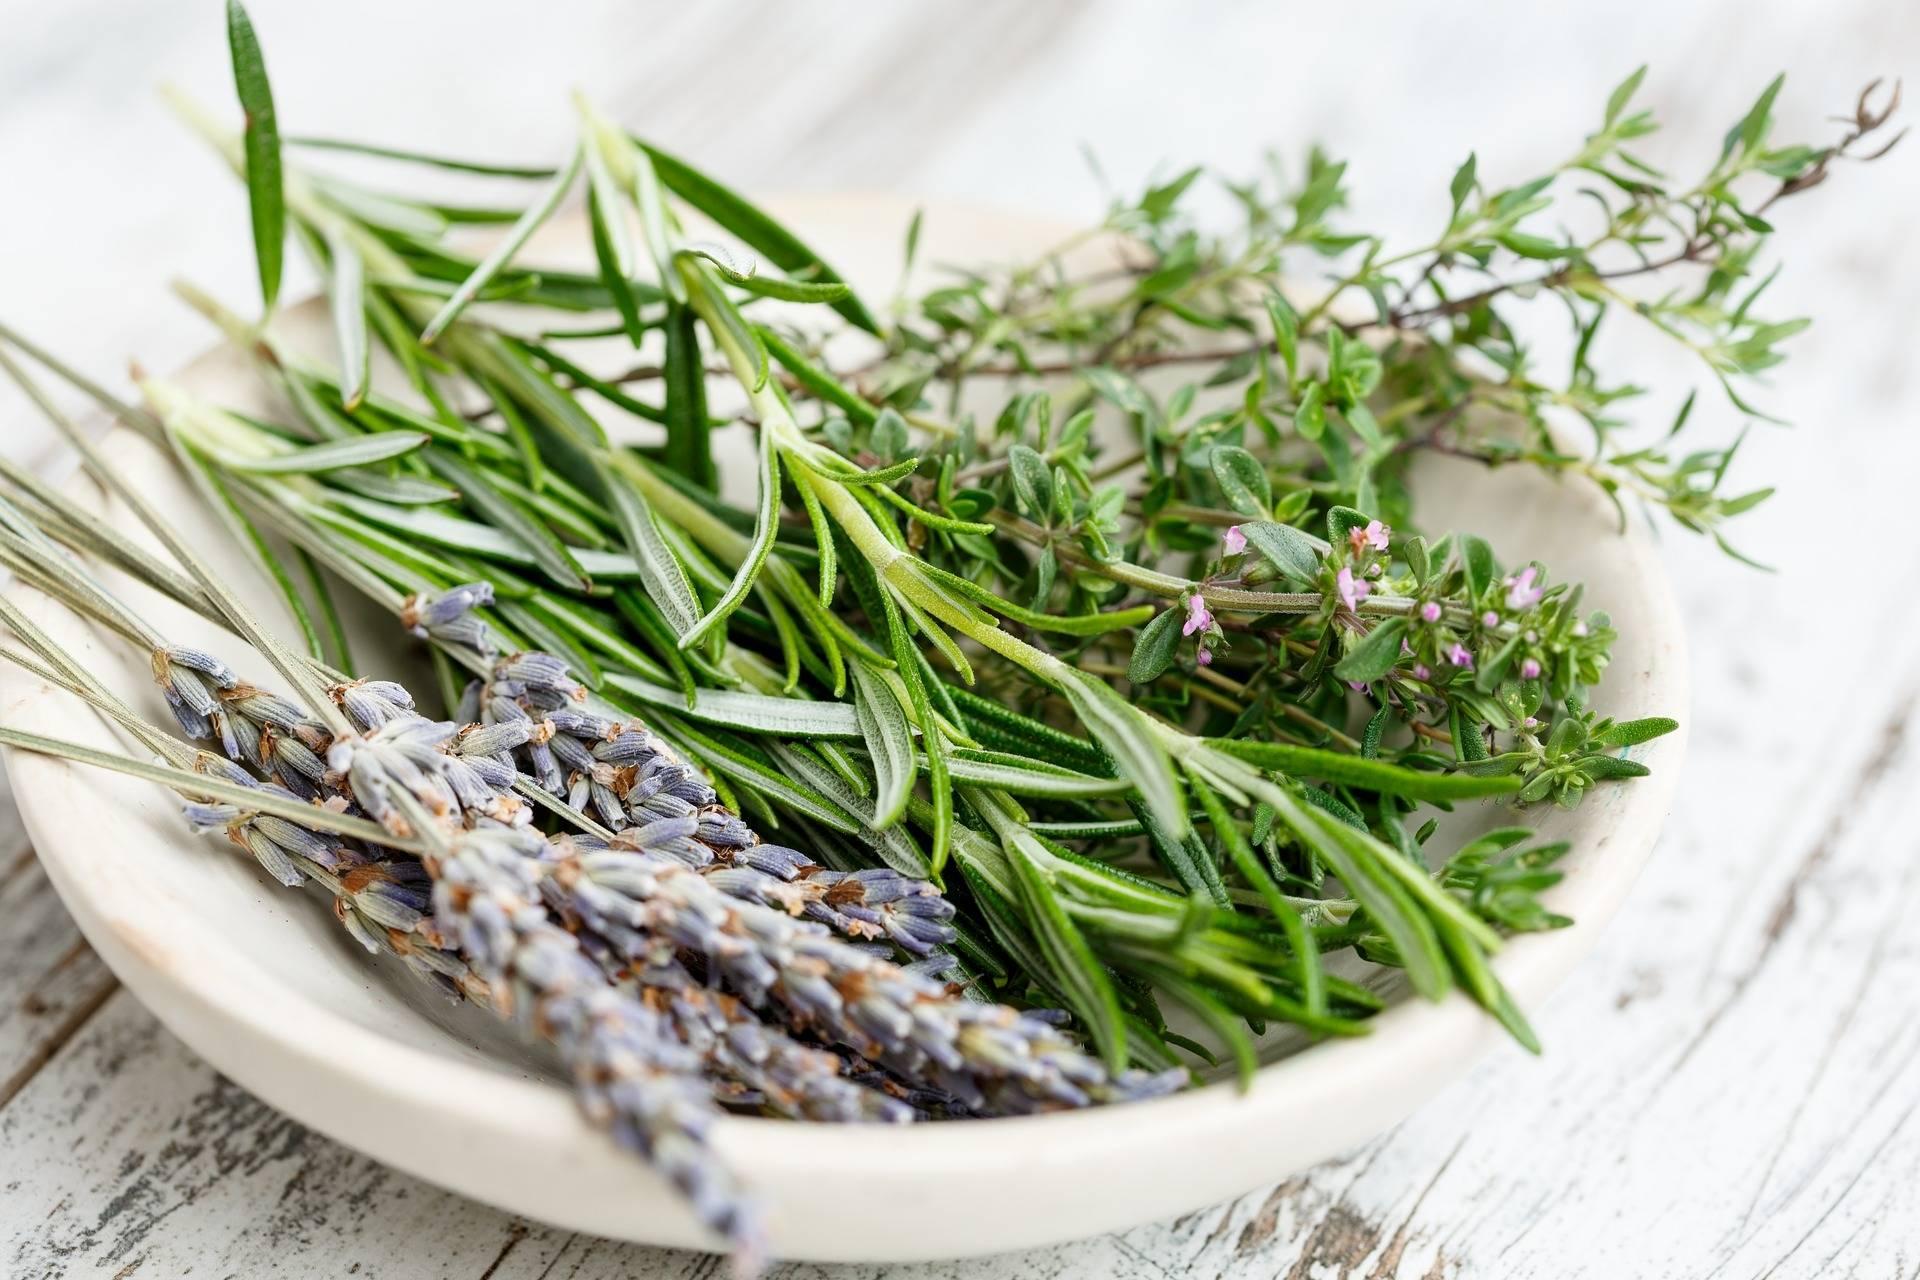 zioła - naturalne antybiotyki z roślin.